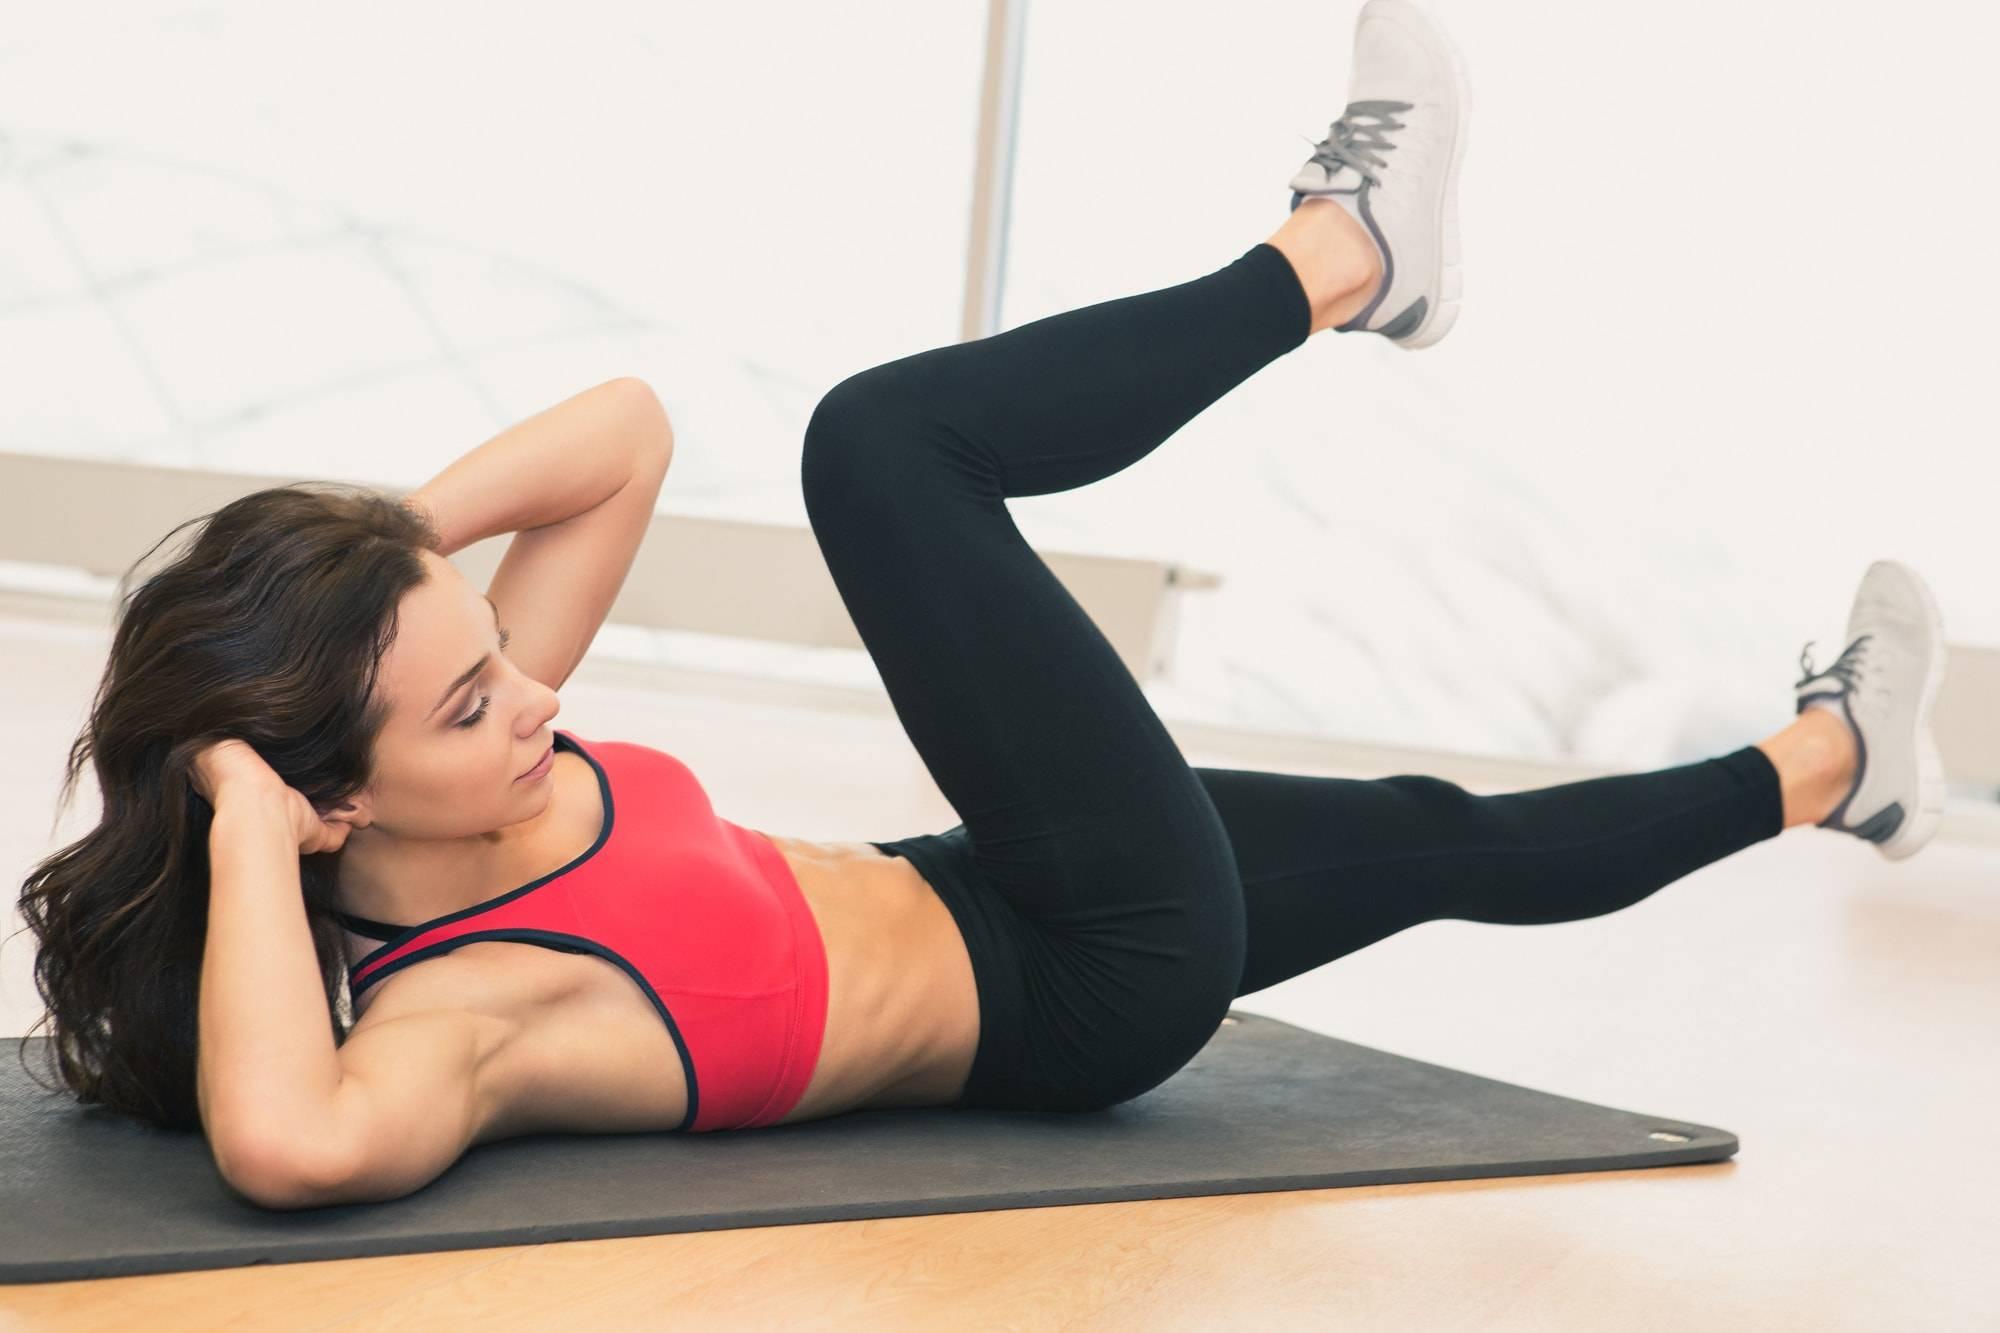 Как накачать пресс девушке: полезные рекомендации и эффективные упражнения